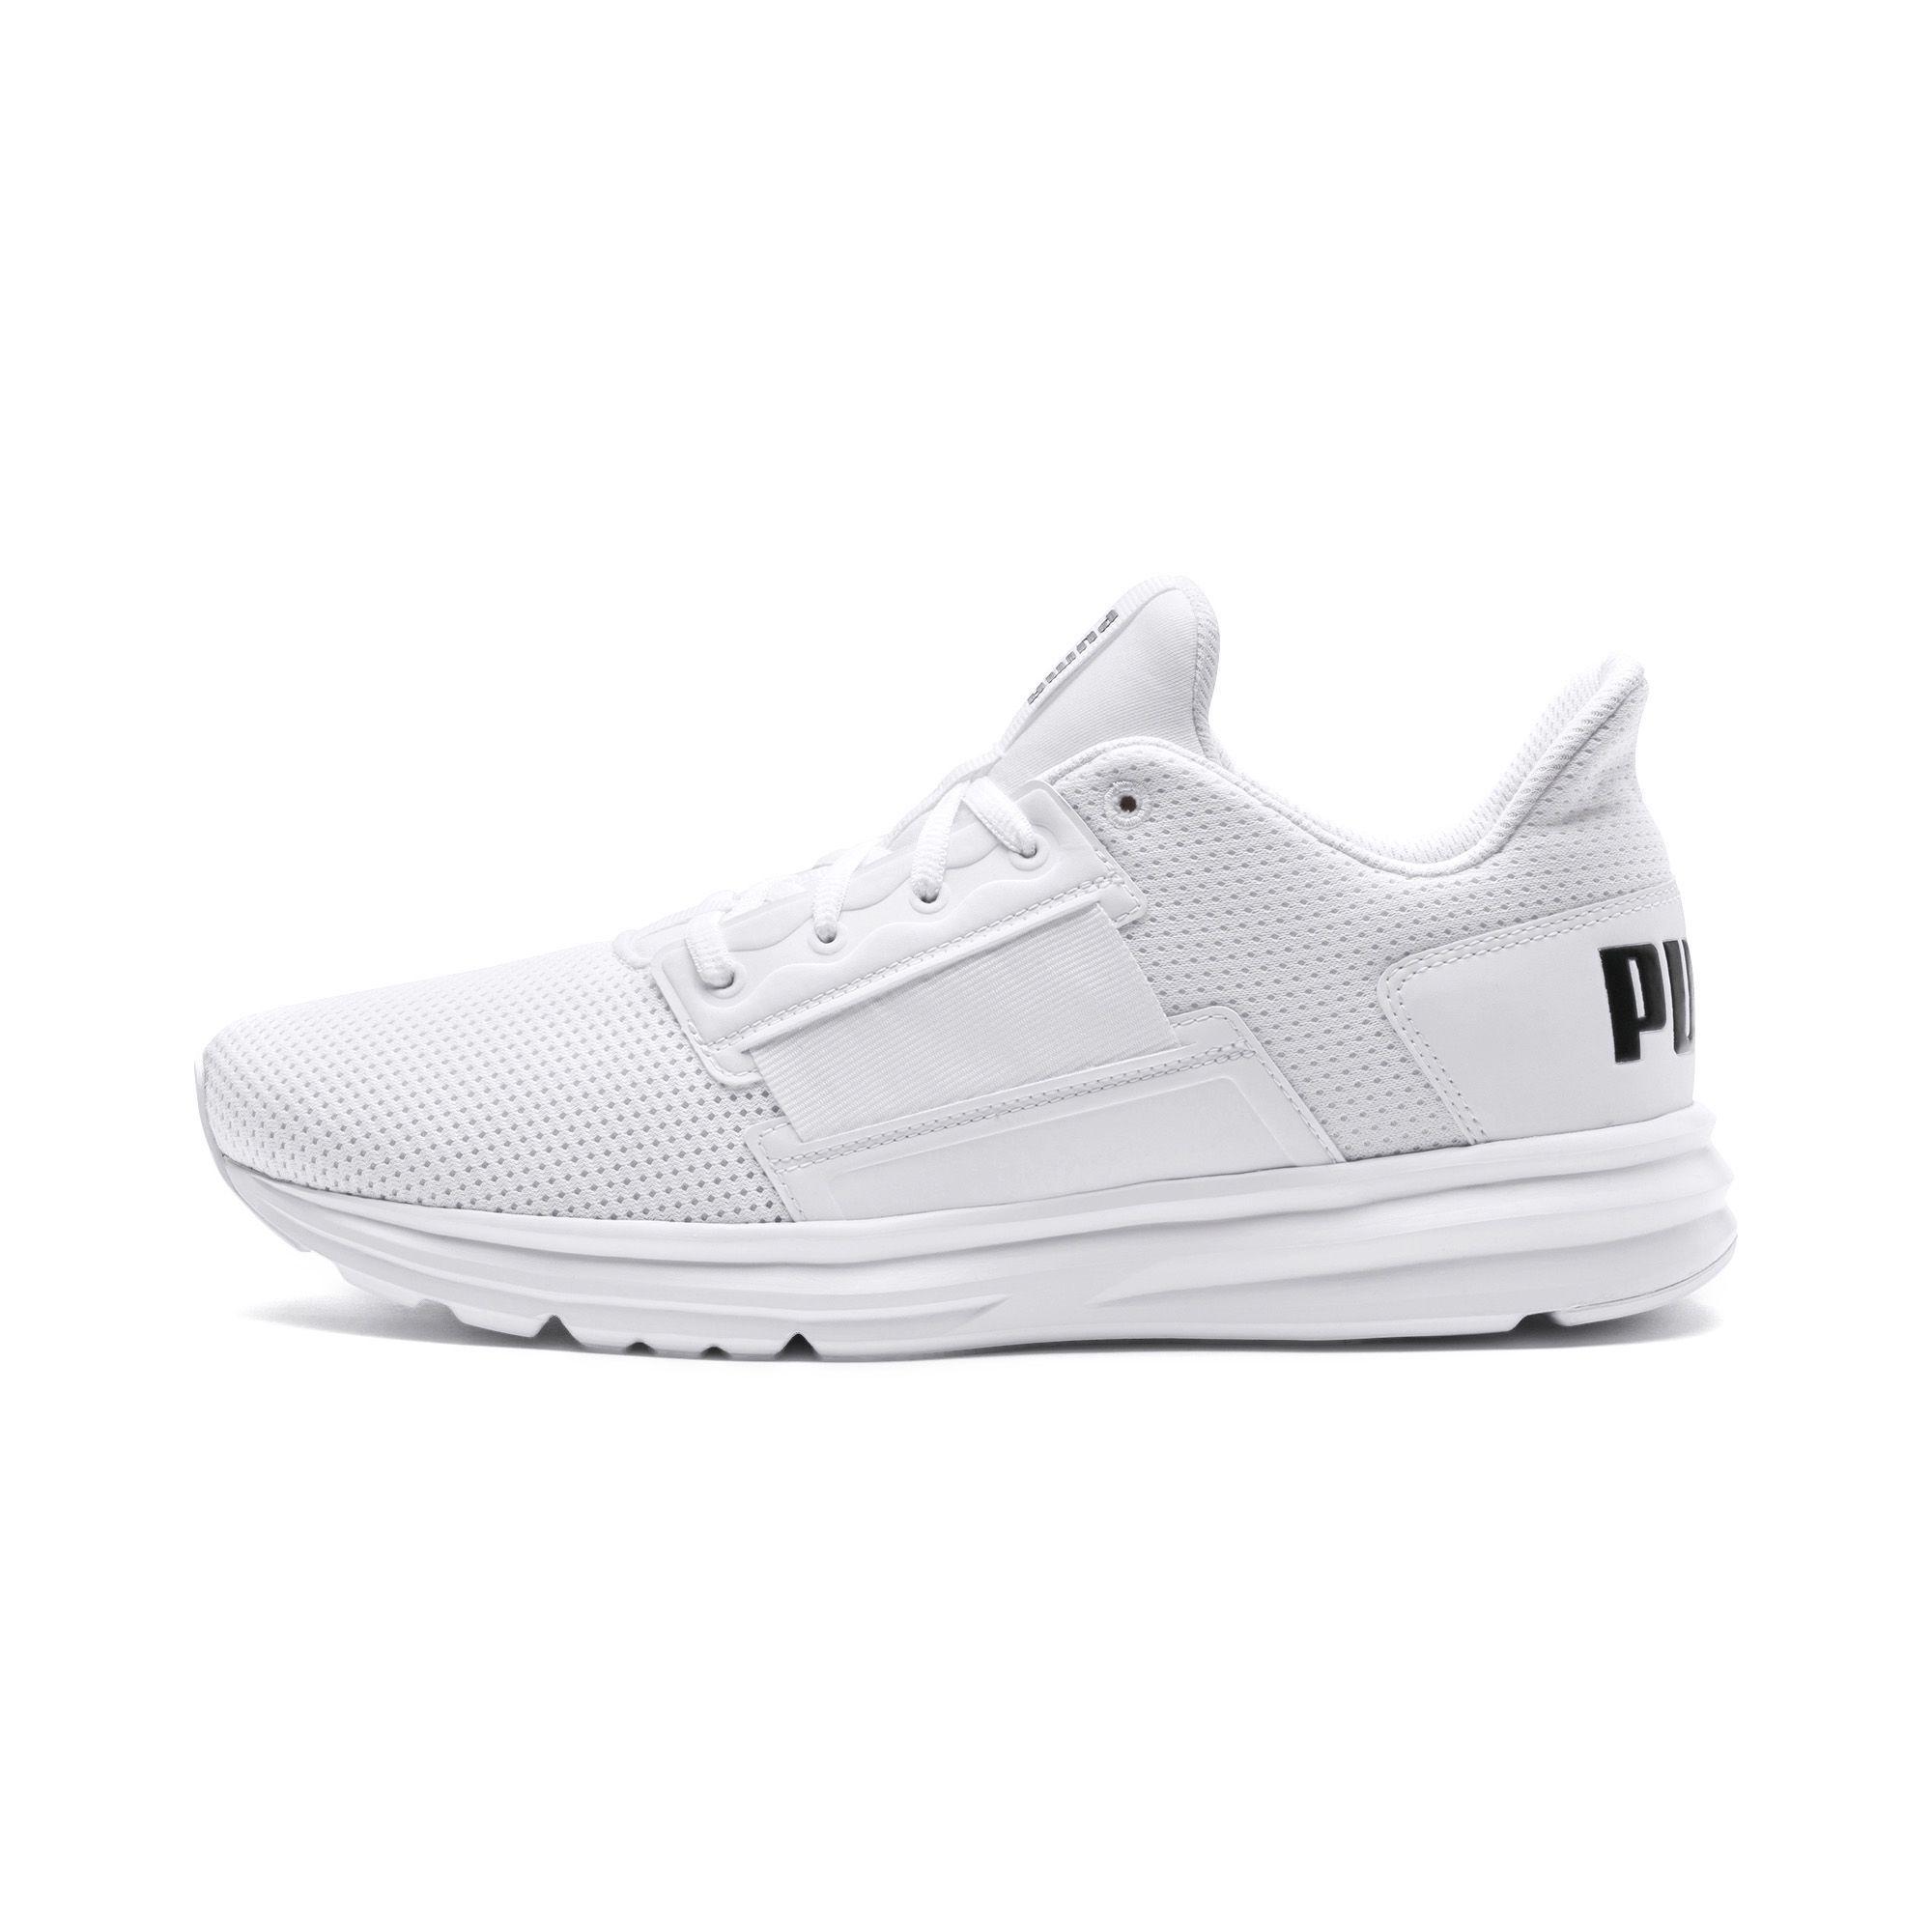 b8e23de4e68 Lyst - PUMA Enzo Street Men s Running Shoes in White for Men